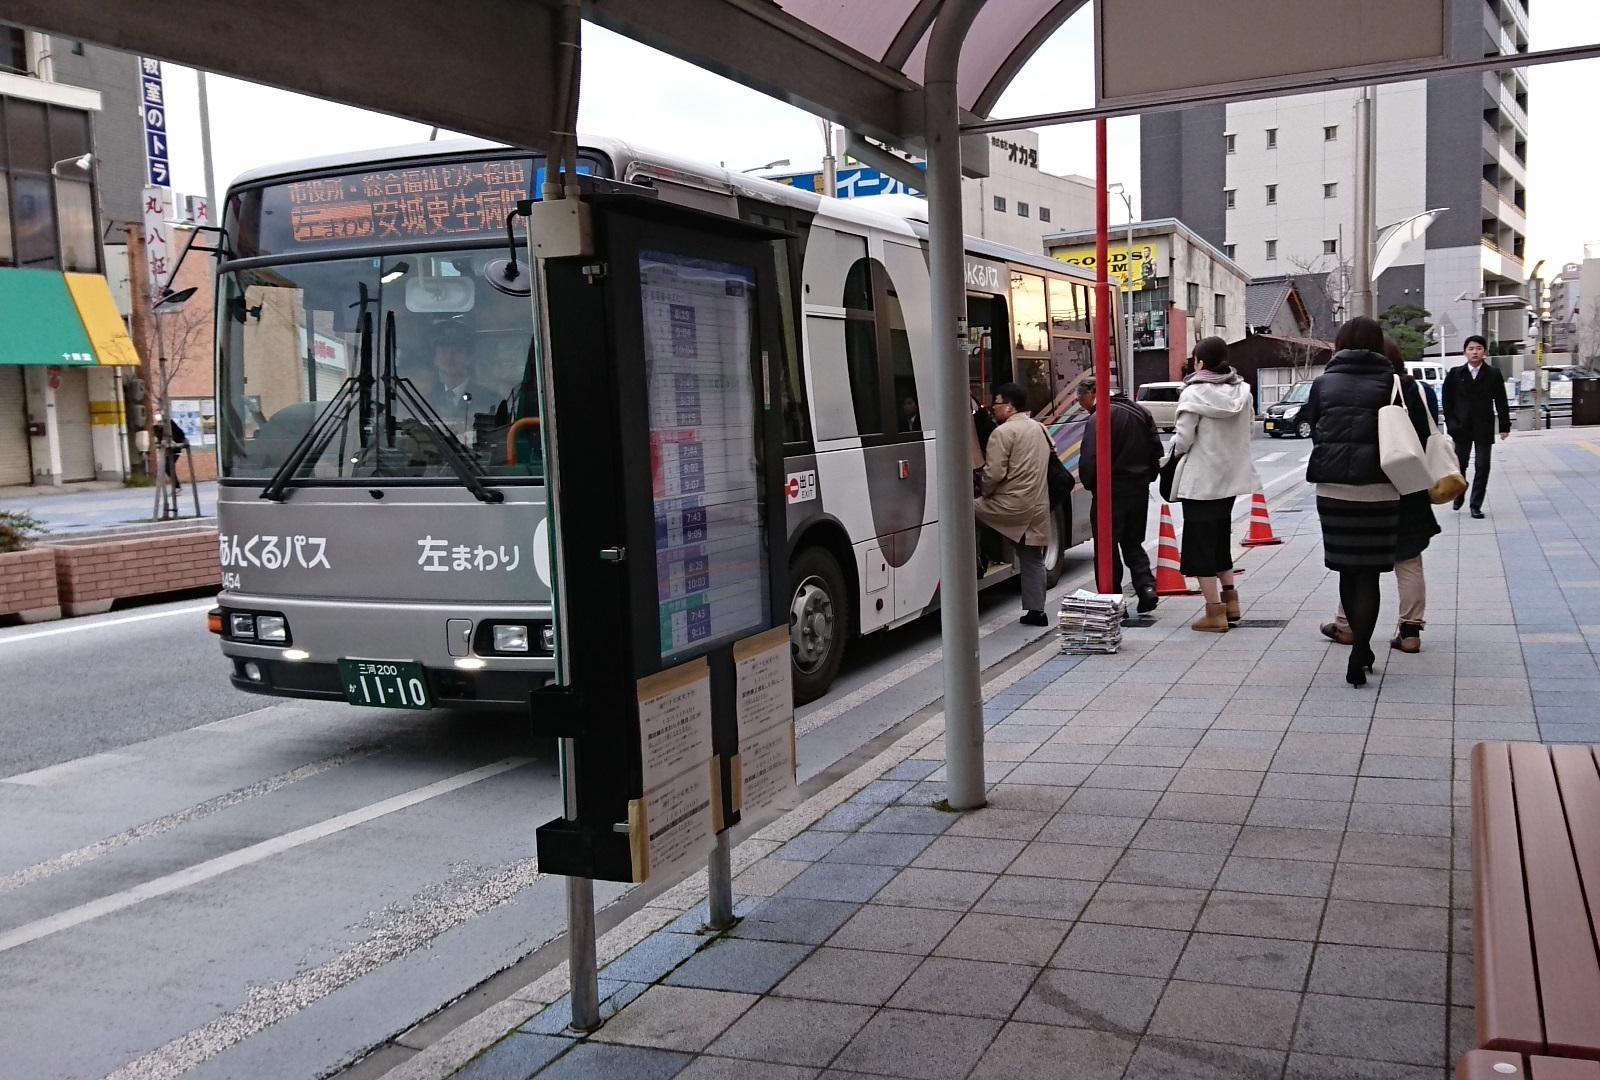 2016.12.9 あさ (4) あんじょうえきまえ - バス 1600-1080